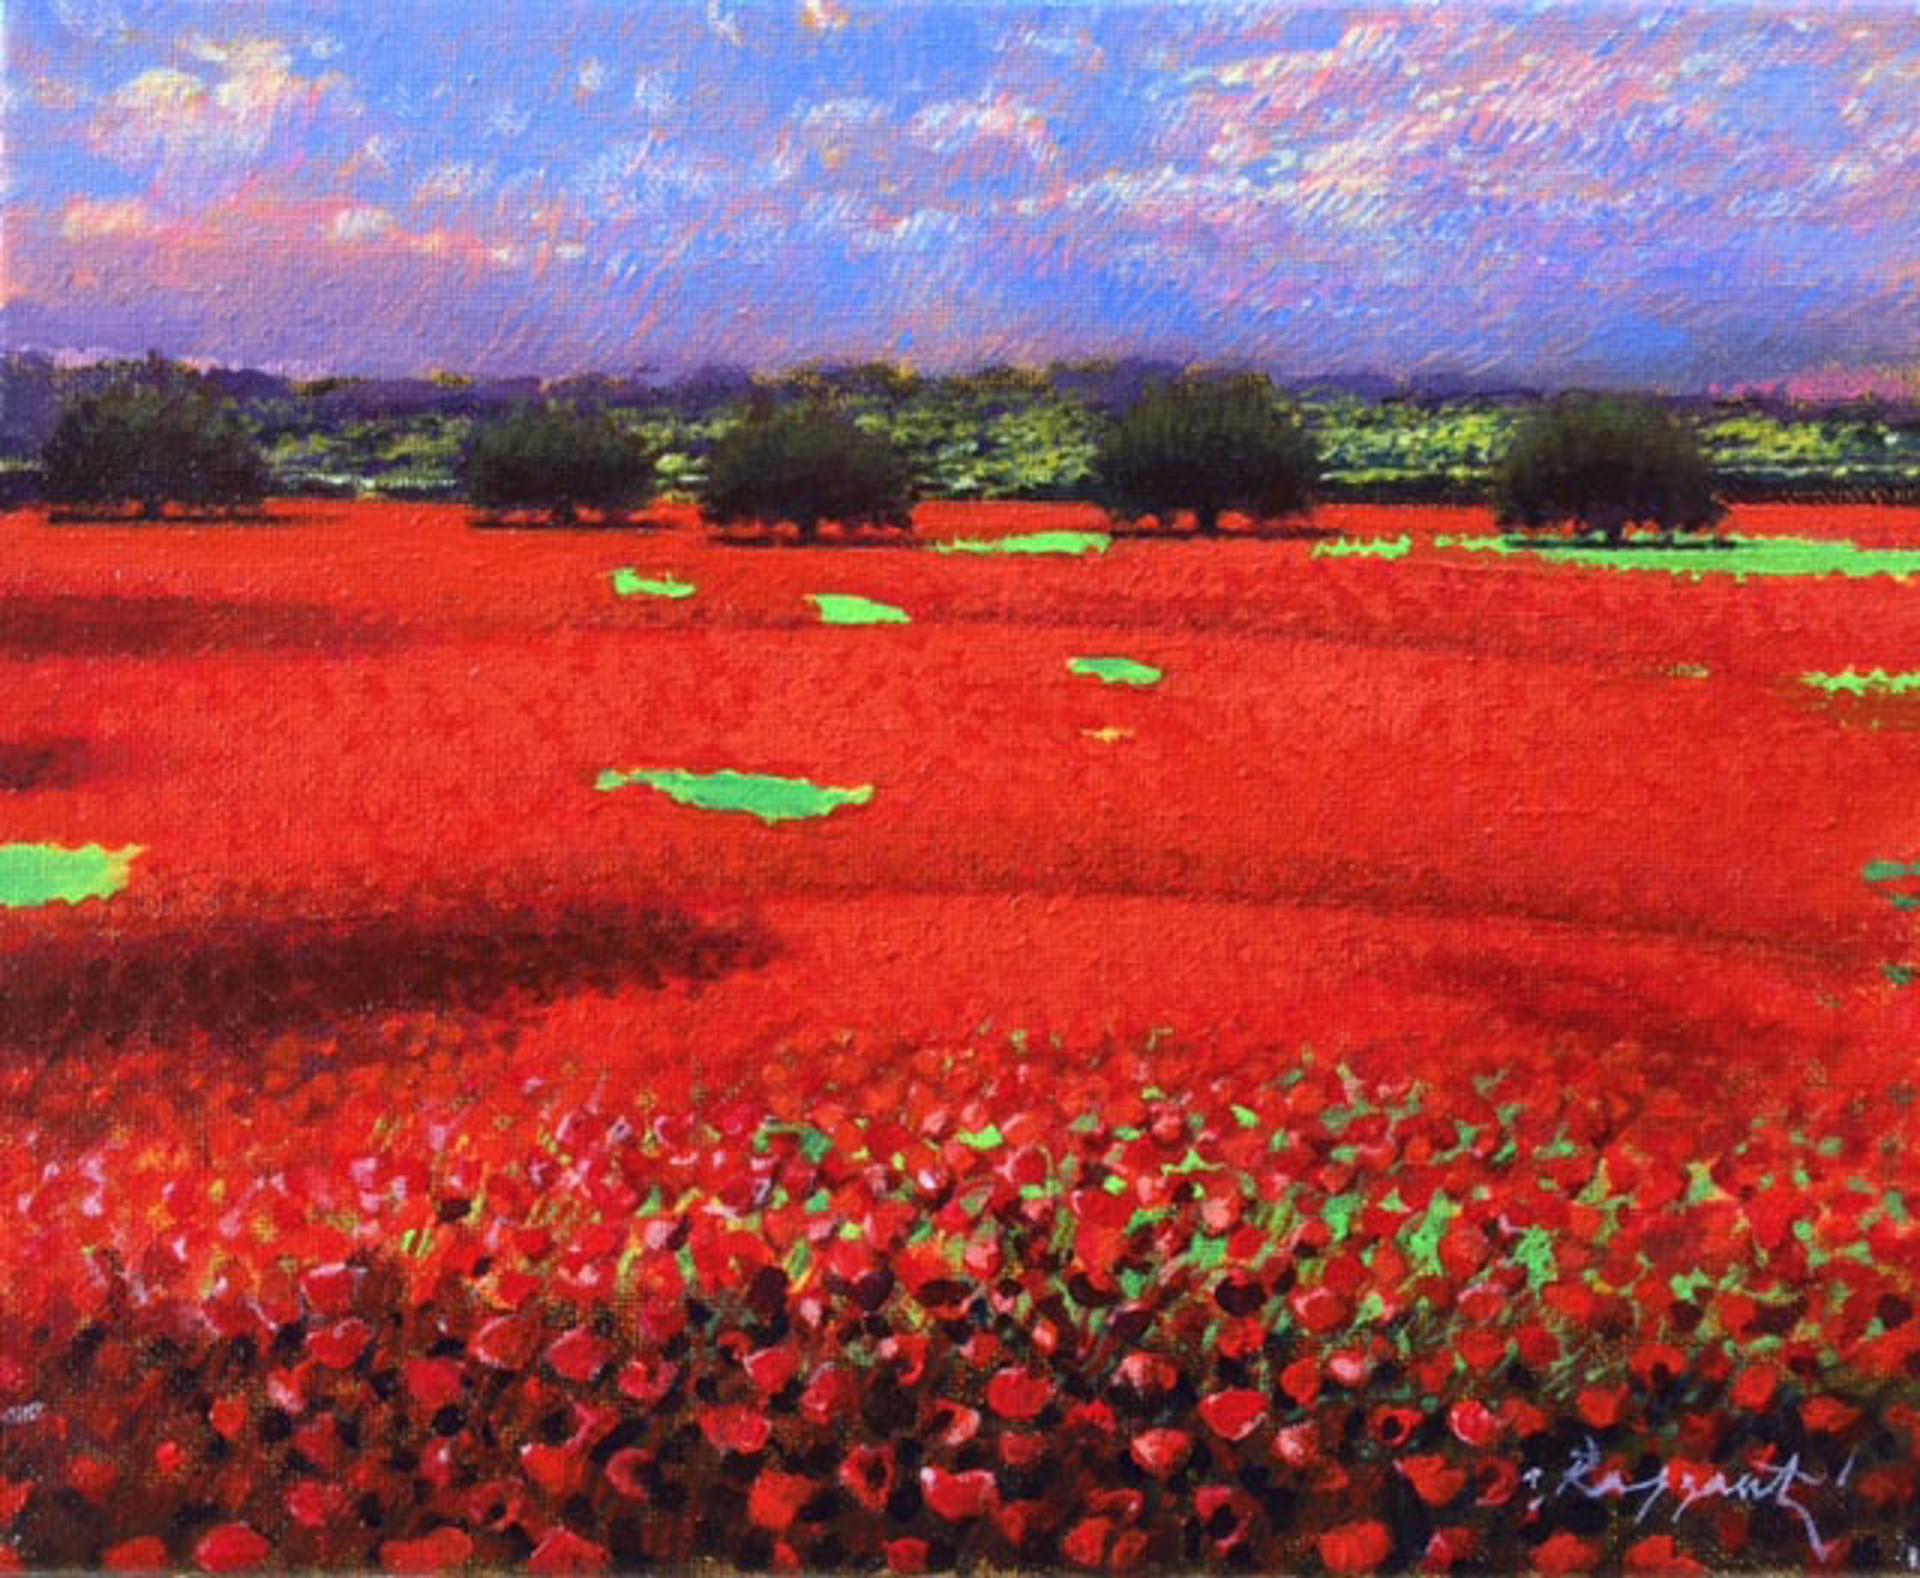 Poppy Field by Andrea Razzauti